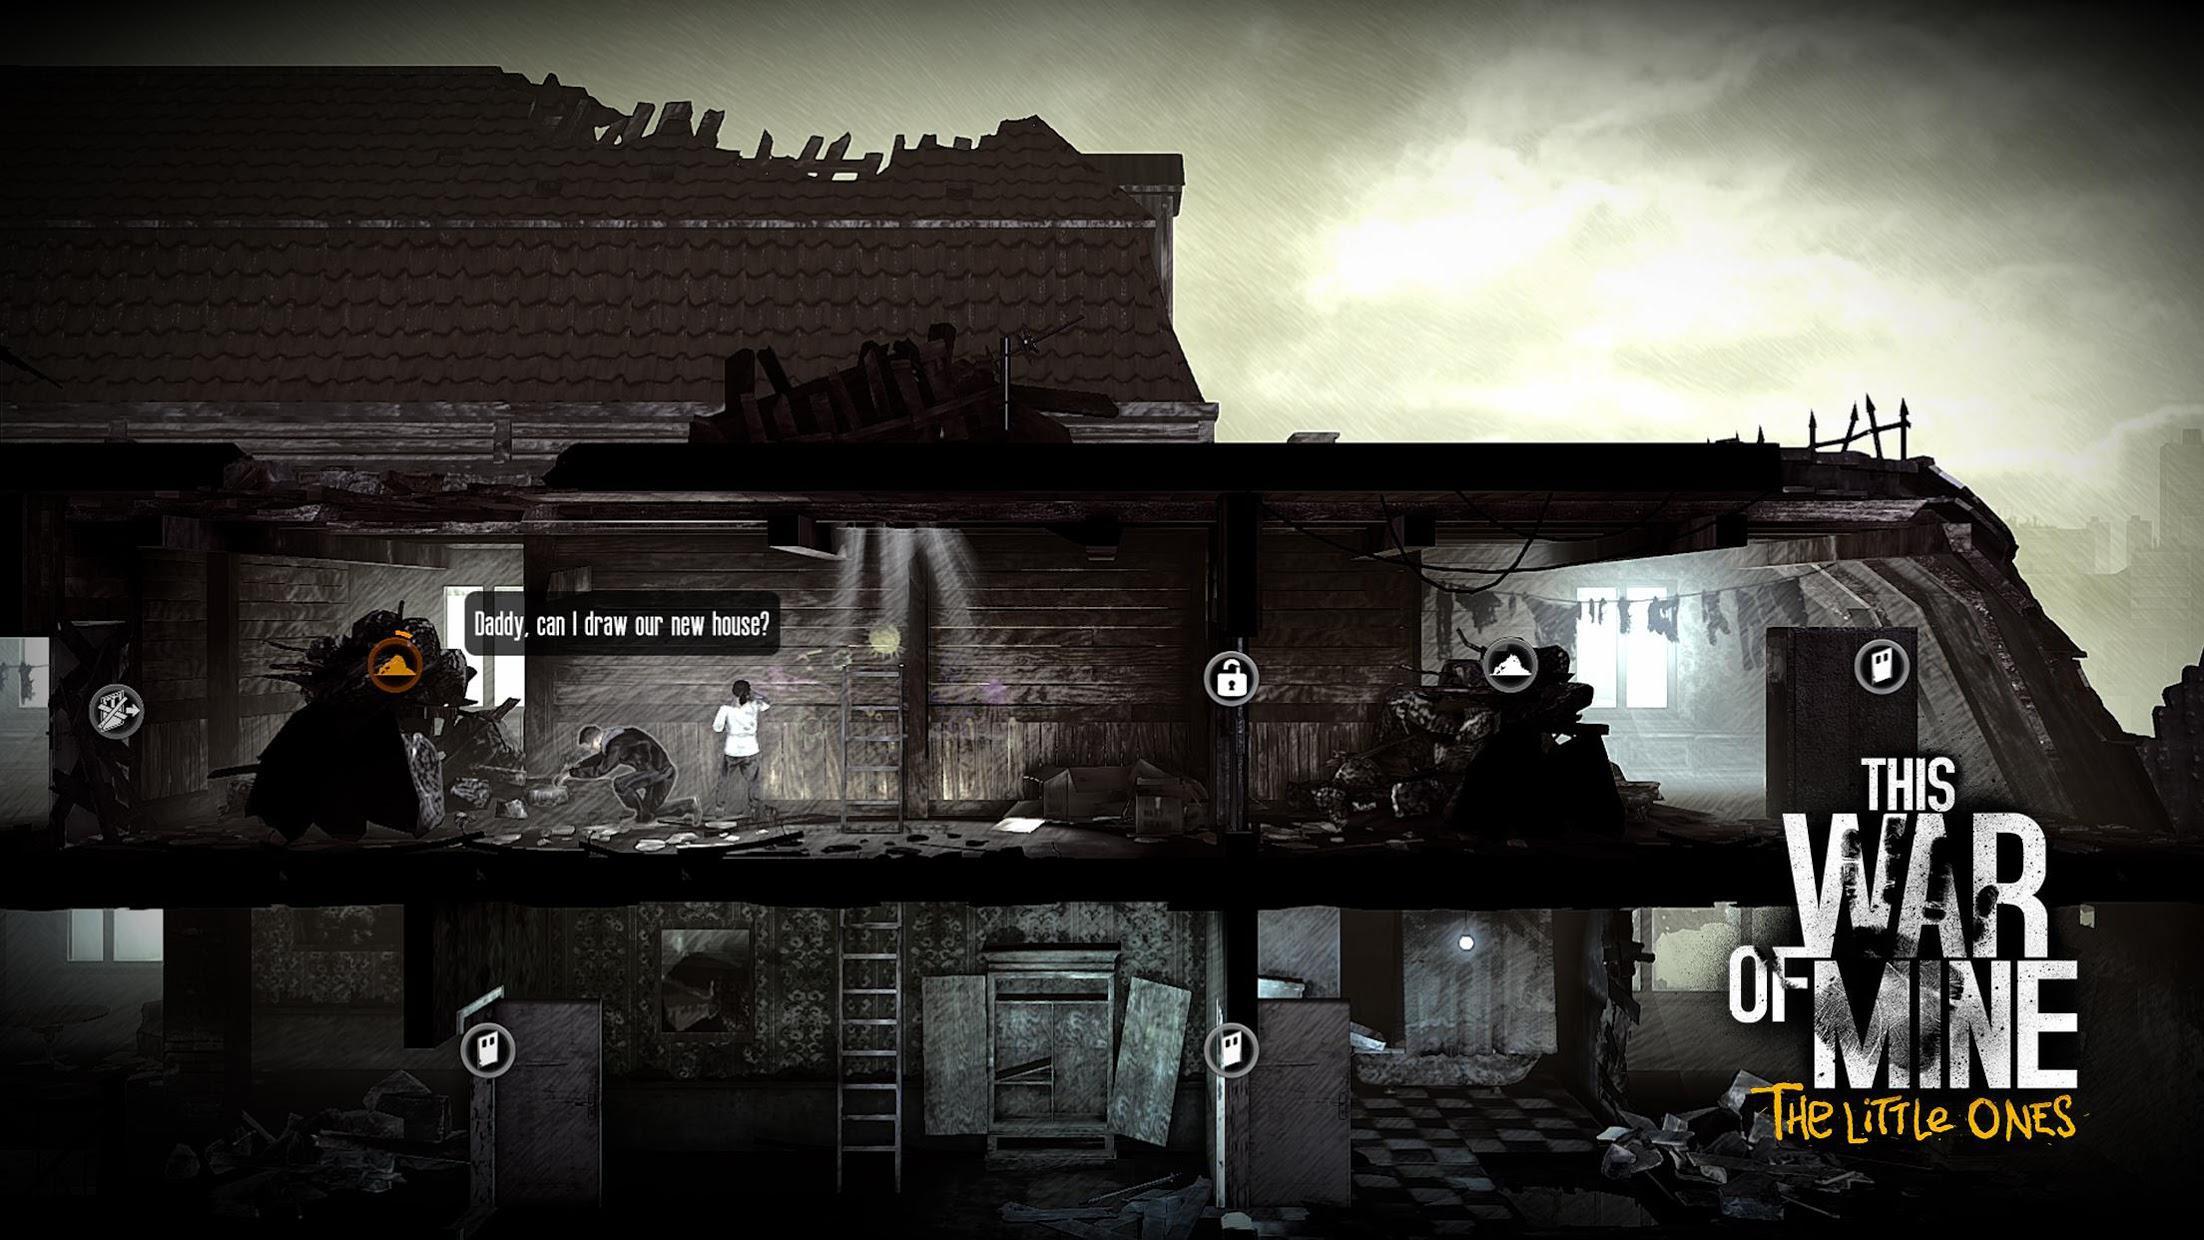 这是我的战争(This War of Mine) 游戏截图3